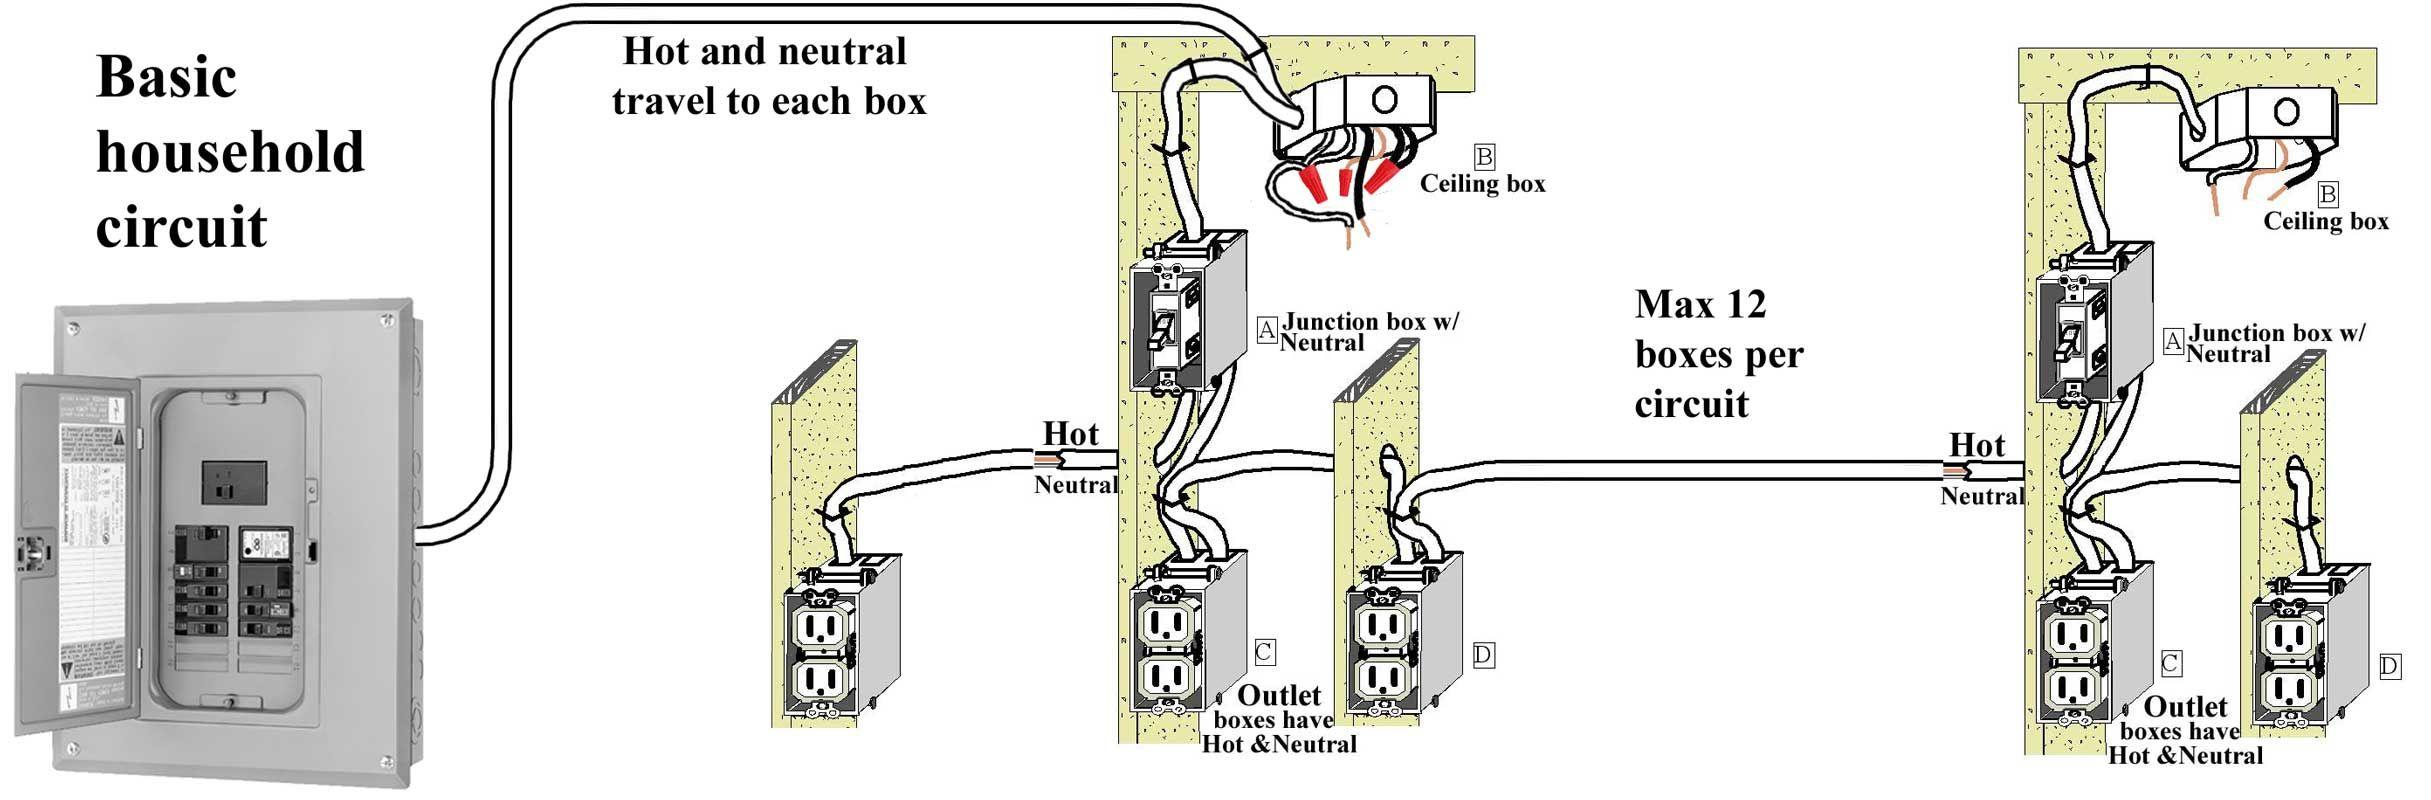 Elec Wiring Basics - Wiring Diagrams Hubs - House Wiring Diagram Pdf